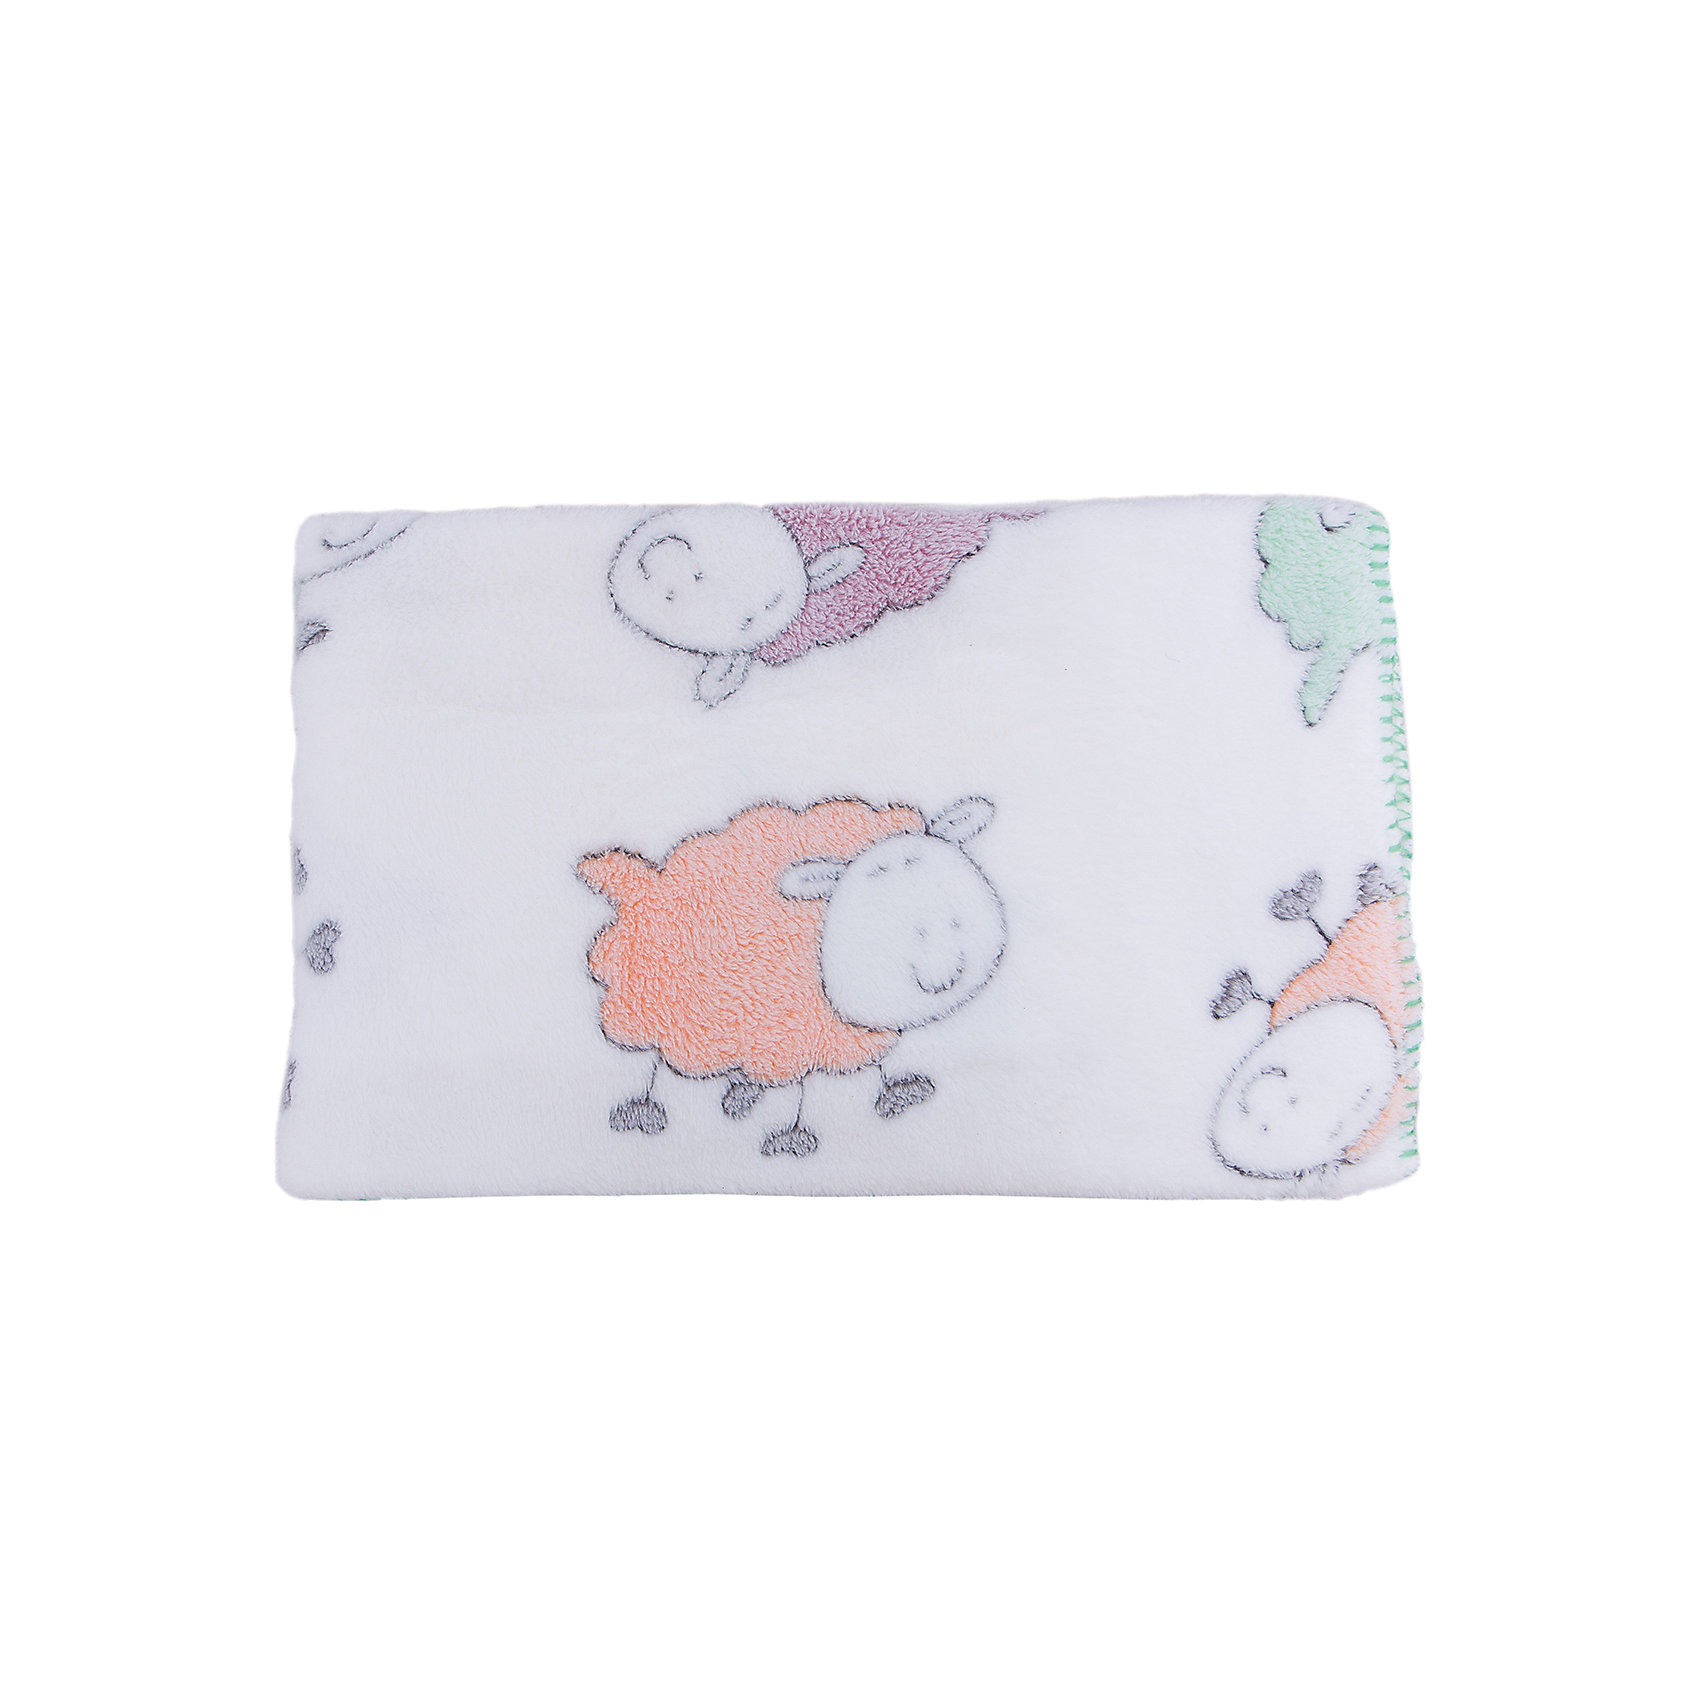 Плед-покрывало Разноцветные овечки 100х118  Velsoft 2-стороннее оверлок, Baby Nice, белыйОдеяла, пледы<br>Постельные принадлежности для детей должны быть качественными и безопасными. Этот плед-покрывало разработан специально для малышей, оно обеспечивает комфорт на всю ночь. Плед украшен симпатичным принтом.<br>Пледик сшит из мягкого легкого  материала - велсофта, приятного на ощупь. Он не вызывает аллергии, что особенно важно для малышей. Покрывало обеспечит хорошую терморегуляцию, а значит - крепкий сон. Плед сделан из высококачественных материалов, безопасных для ребенка.<br><br>Дополнительная информация:<br><br>цвет: белый;<br>материал: велсофт;<br>принт;<br>размер: 100 х 118 см;<br>обработка: оверлок;<br>двустороннее.<br><br>Плед-покрывало Разноцветные овечки 100х118  Velsoft 2-стороннее оверлок,  от компании Baby Nice можно купить в нашем магазине.<br><br>Ширина мм: 10<br>Глубина мм: 20<br>Высота мм: 10<br>Вес г: 300<br>Возраст от месяцев: 0<br>Возраст до месяцев: 36<br>Пол: Унисекс<br>Возраст: Детский<br>SKU: 4941802